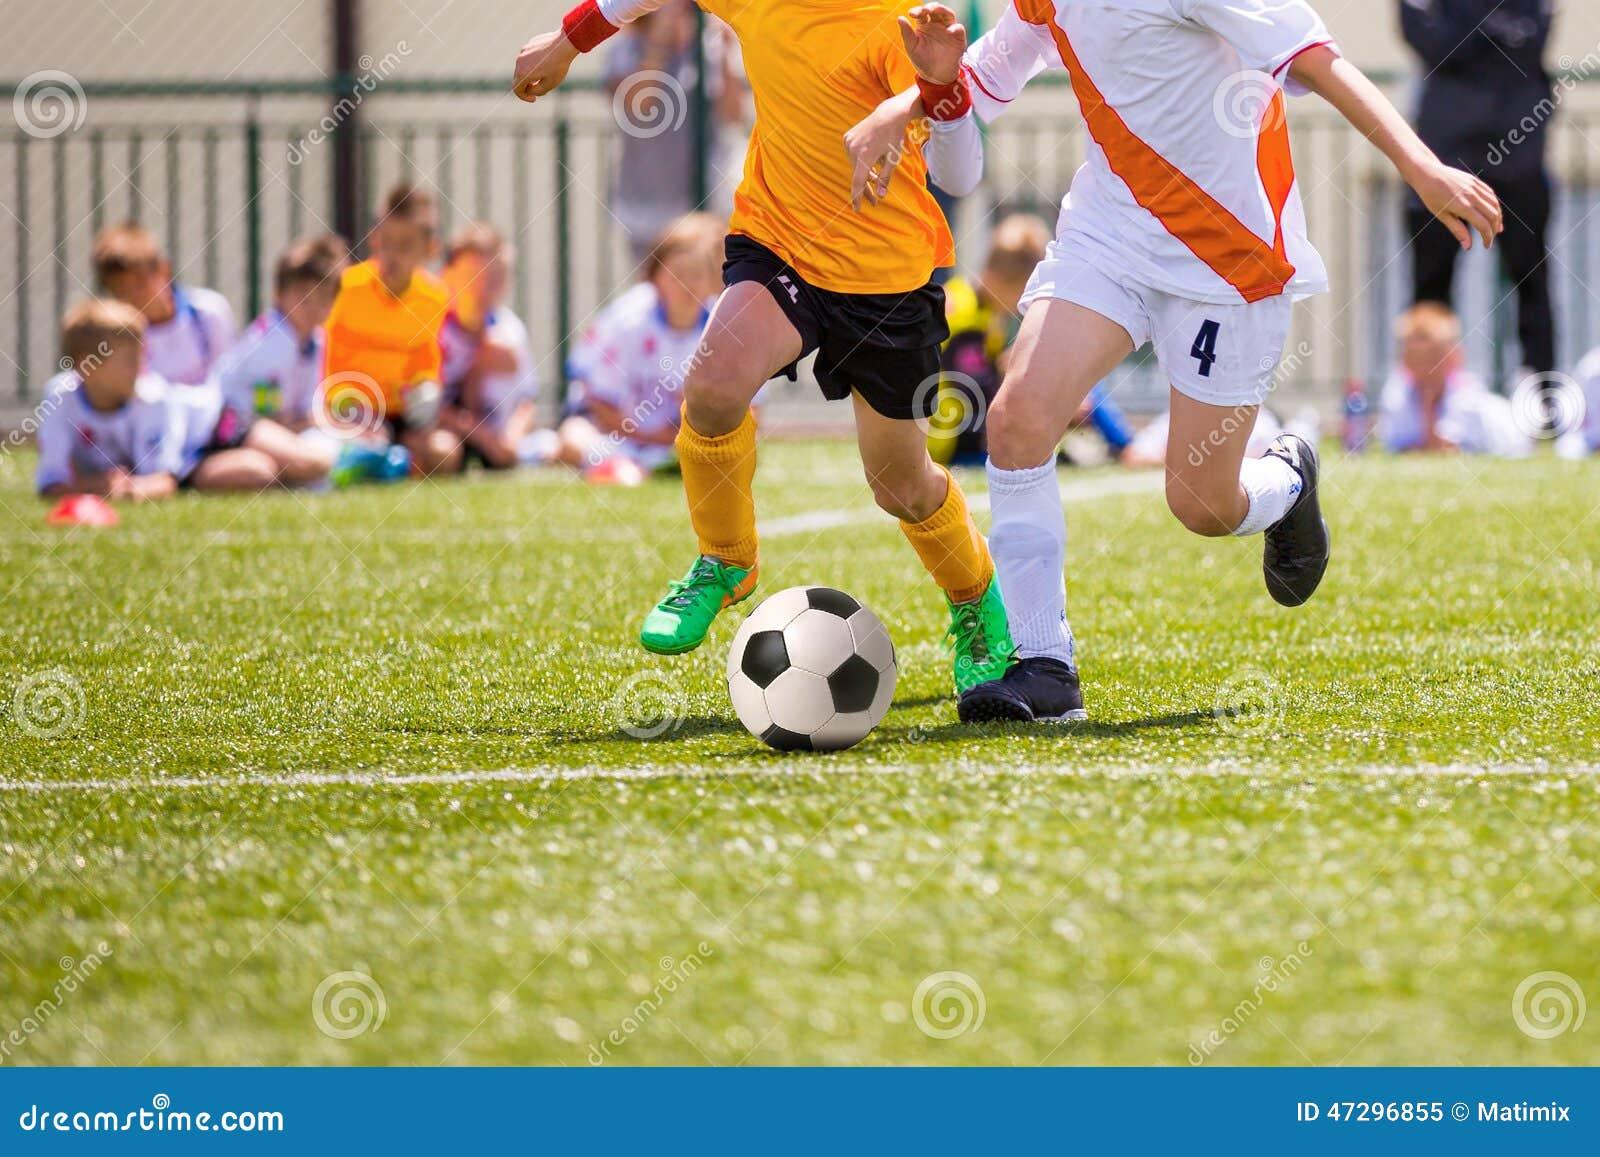 Immagini Di Calcio Per Bambini : Partita di calcio per i bambini ragazzi che giocano gioco del